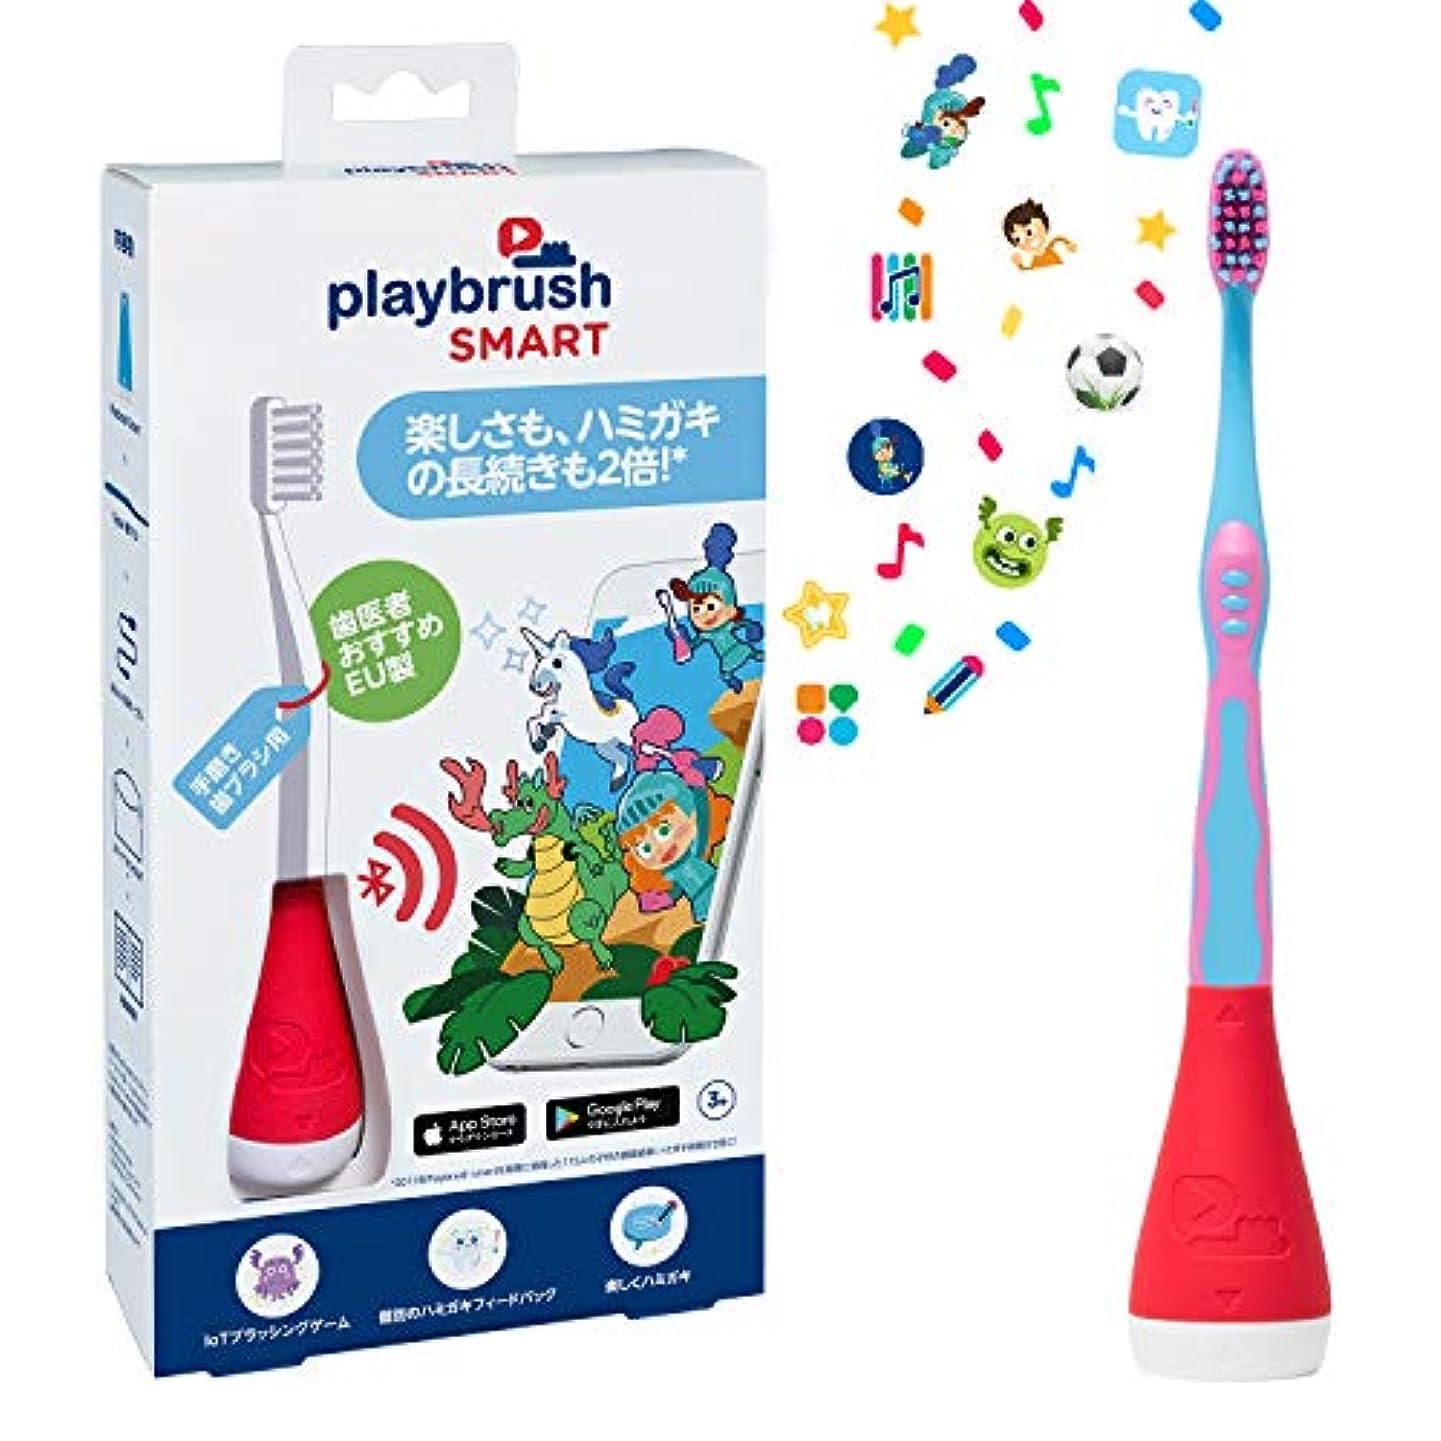 方法完璧な代理店【ヨーロッパで開発されたゲームができる子供用歯ブラシ】プレイブラッシュ スマート レッド◇ 普段の歯ブラシに取り付けるだけ◇ Playbrush Smart Red